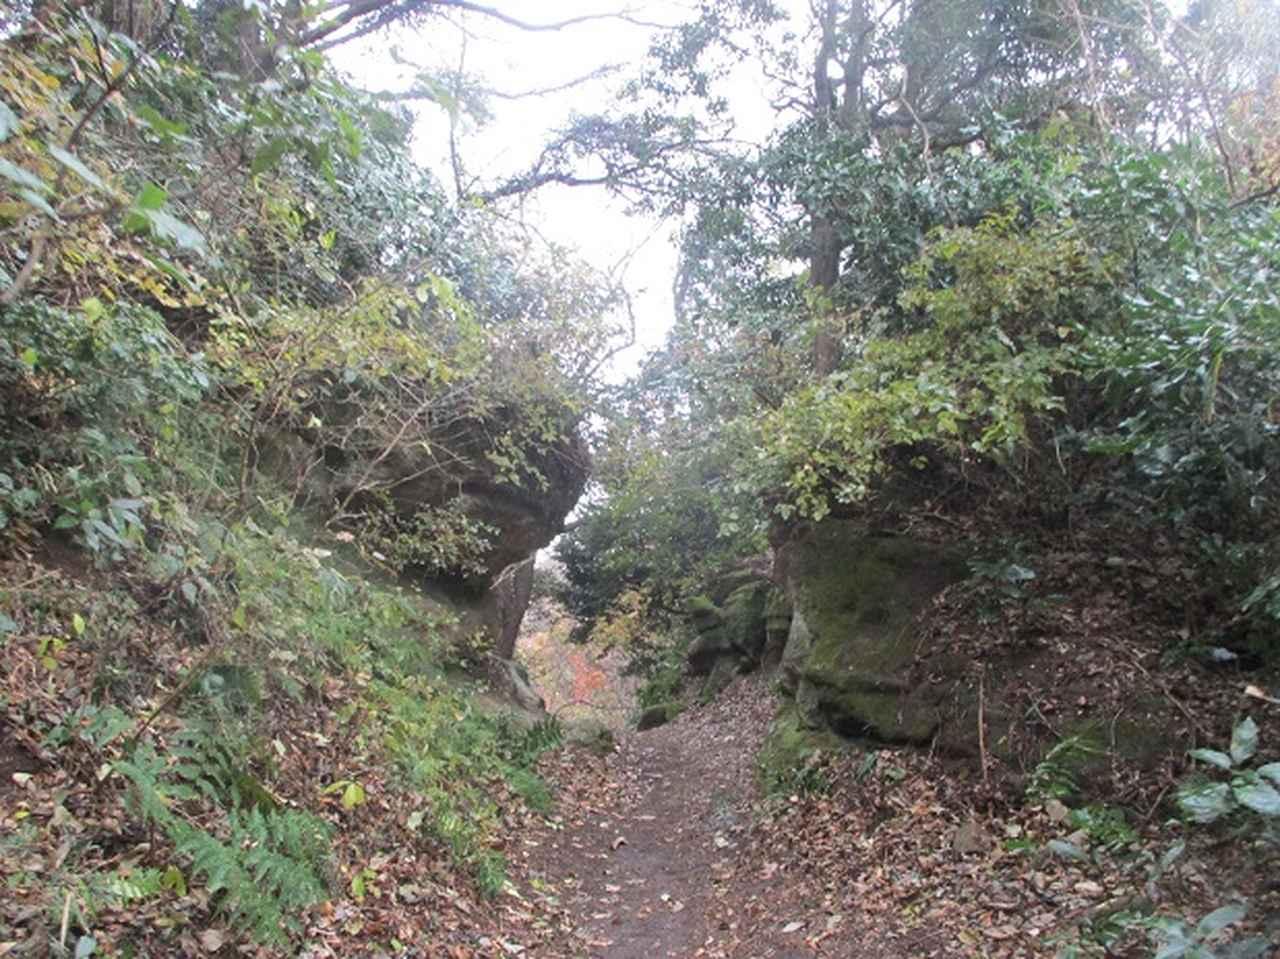 画像7: 先日12月22日に山旅会現地集合 「能見堂緑地から天園」 ツアーにいってまいりました!